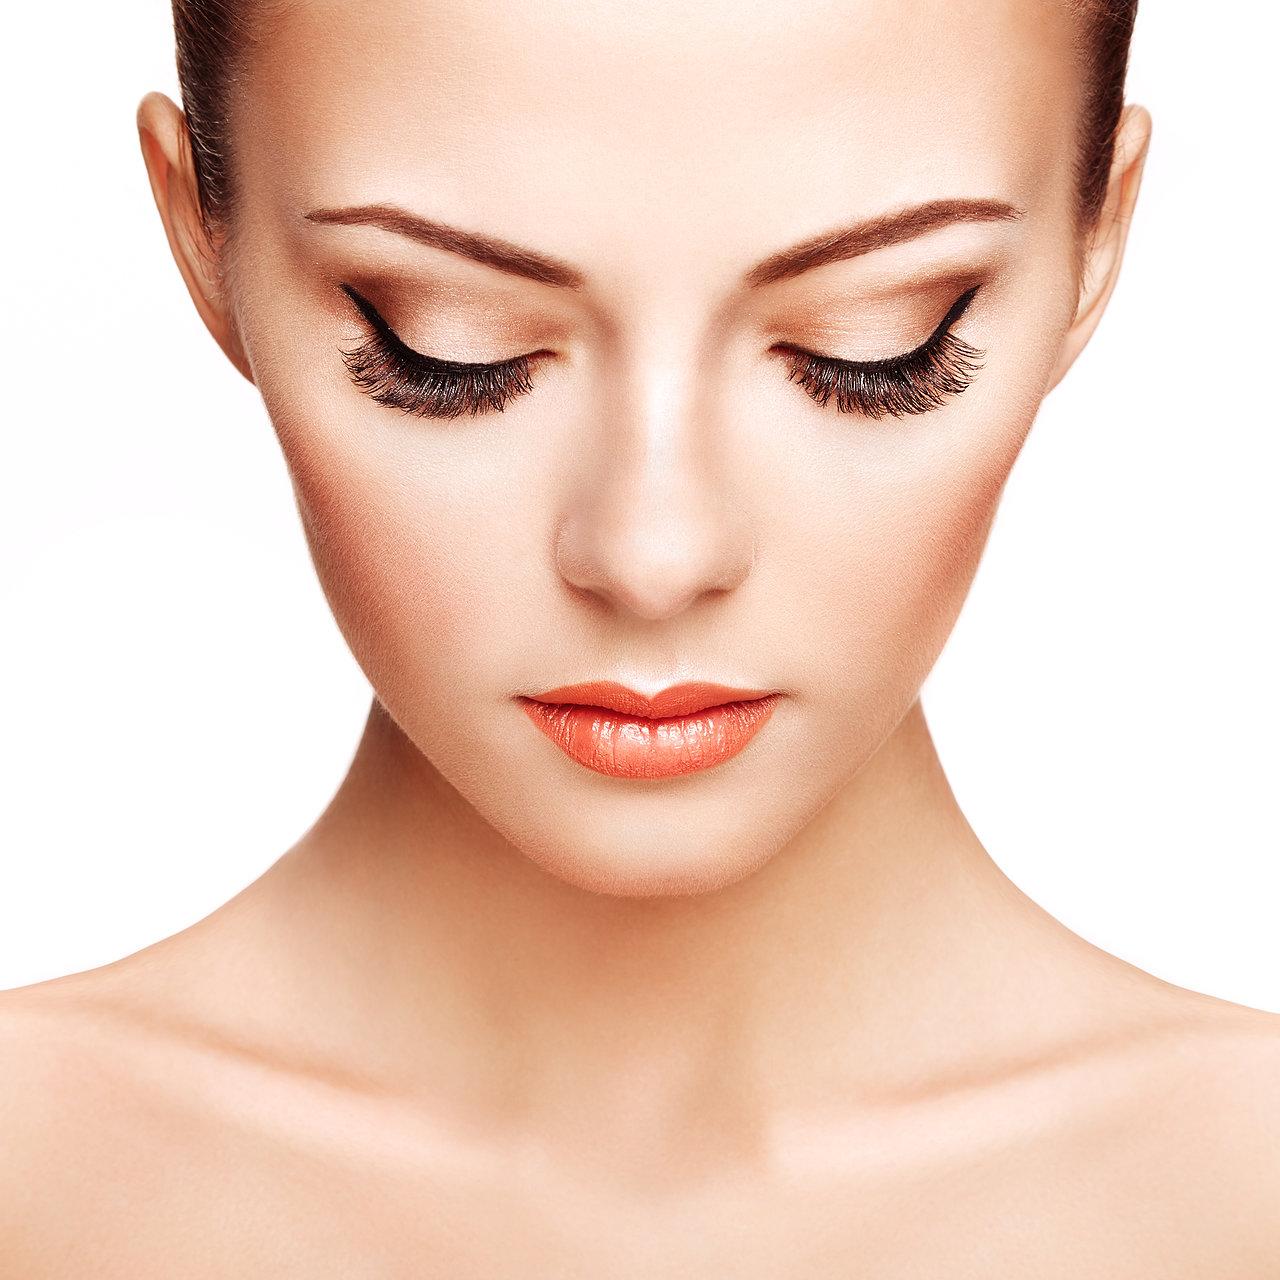 eyelash extensions lash blosson.jpeg